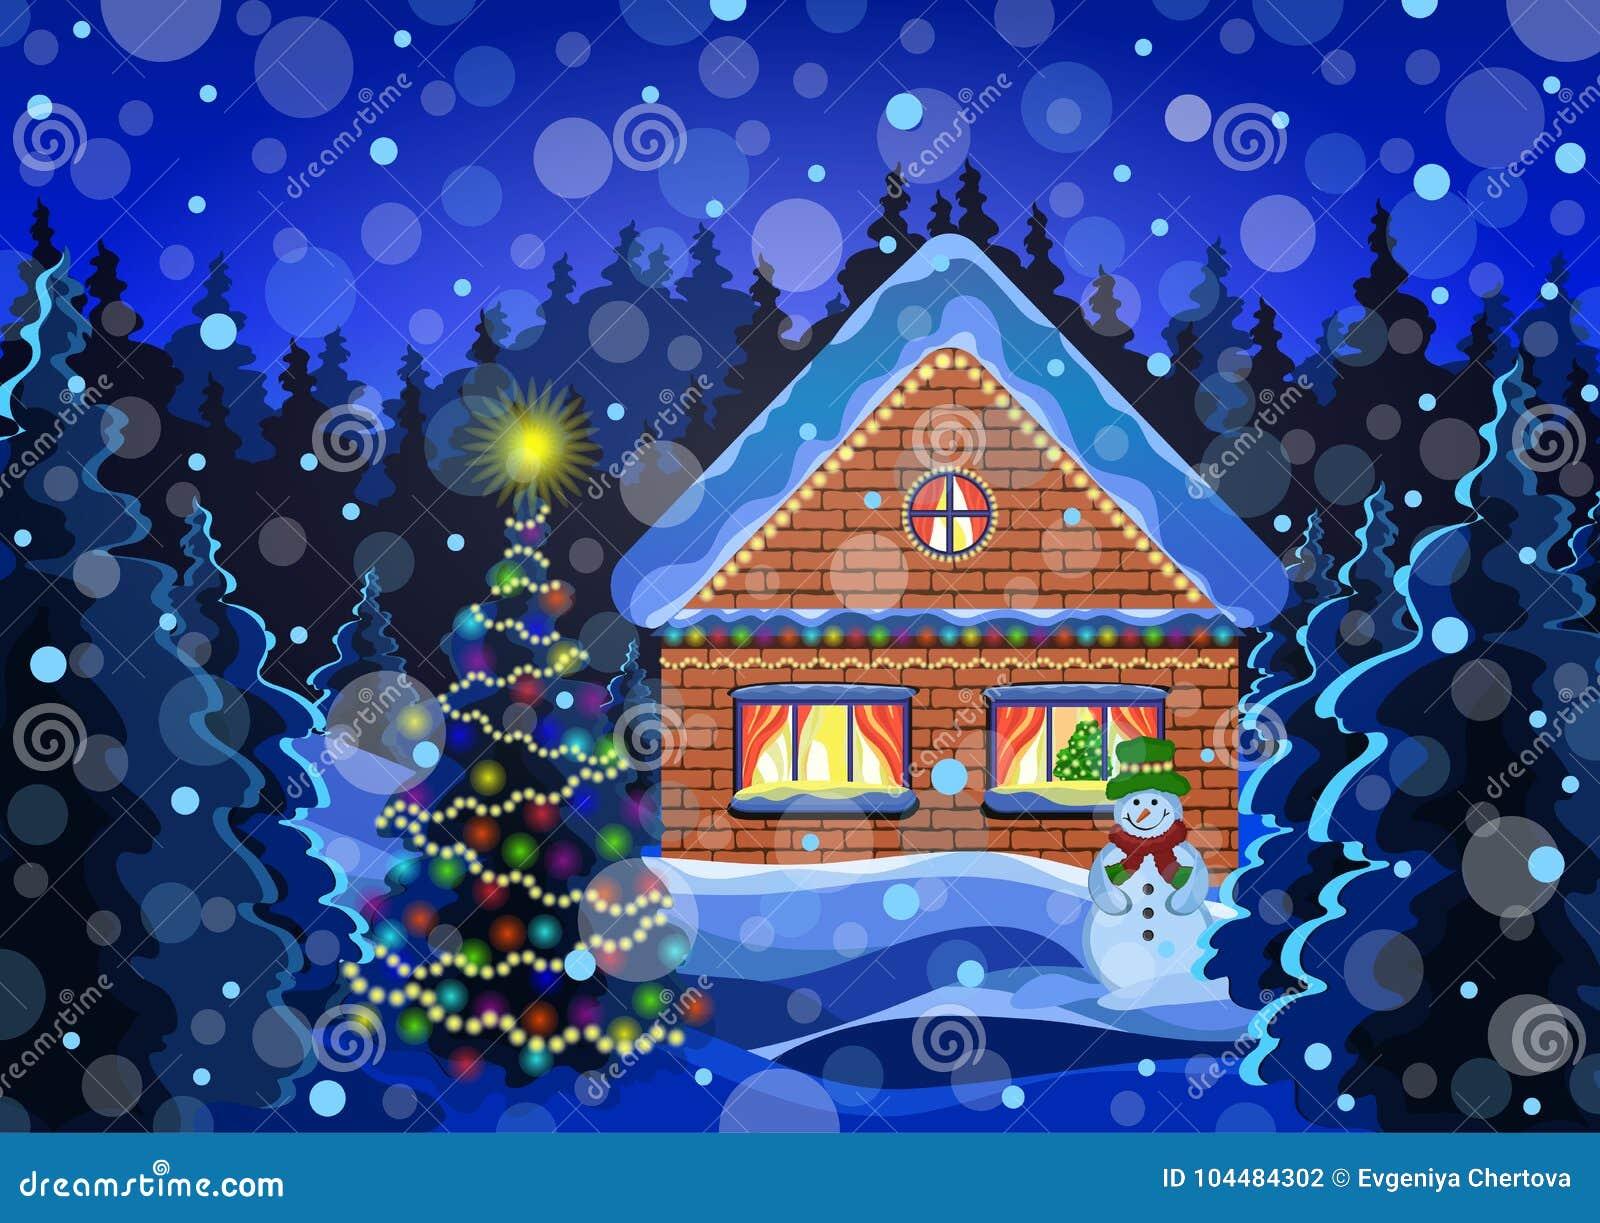 Dessin de vecteur de paysage de no l d 39 hiver la for t de neige d 39 hiver de nuit avec les flocons - Paysage enneige dessin ...